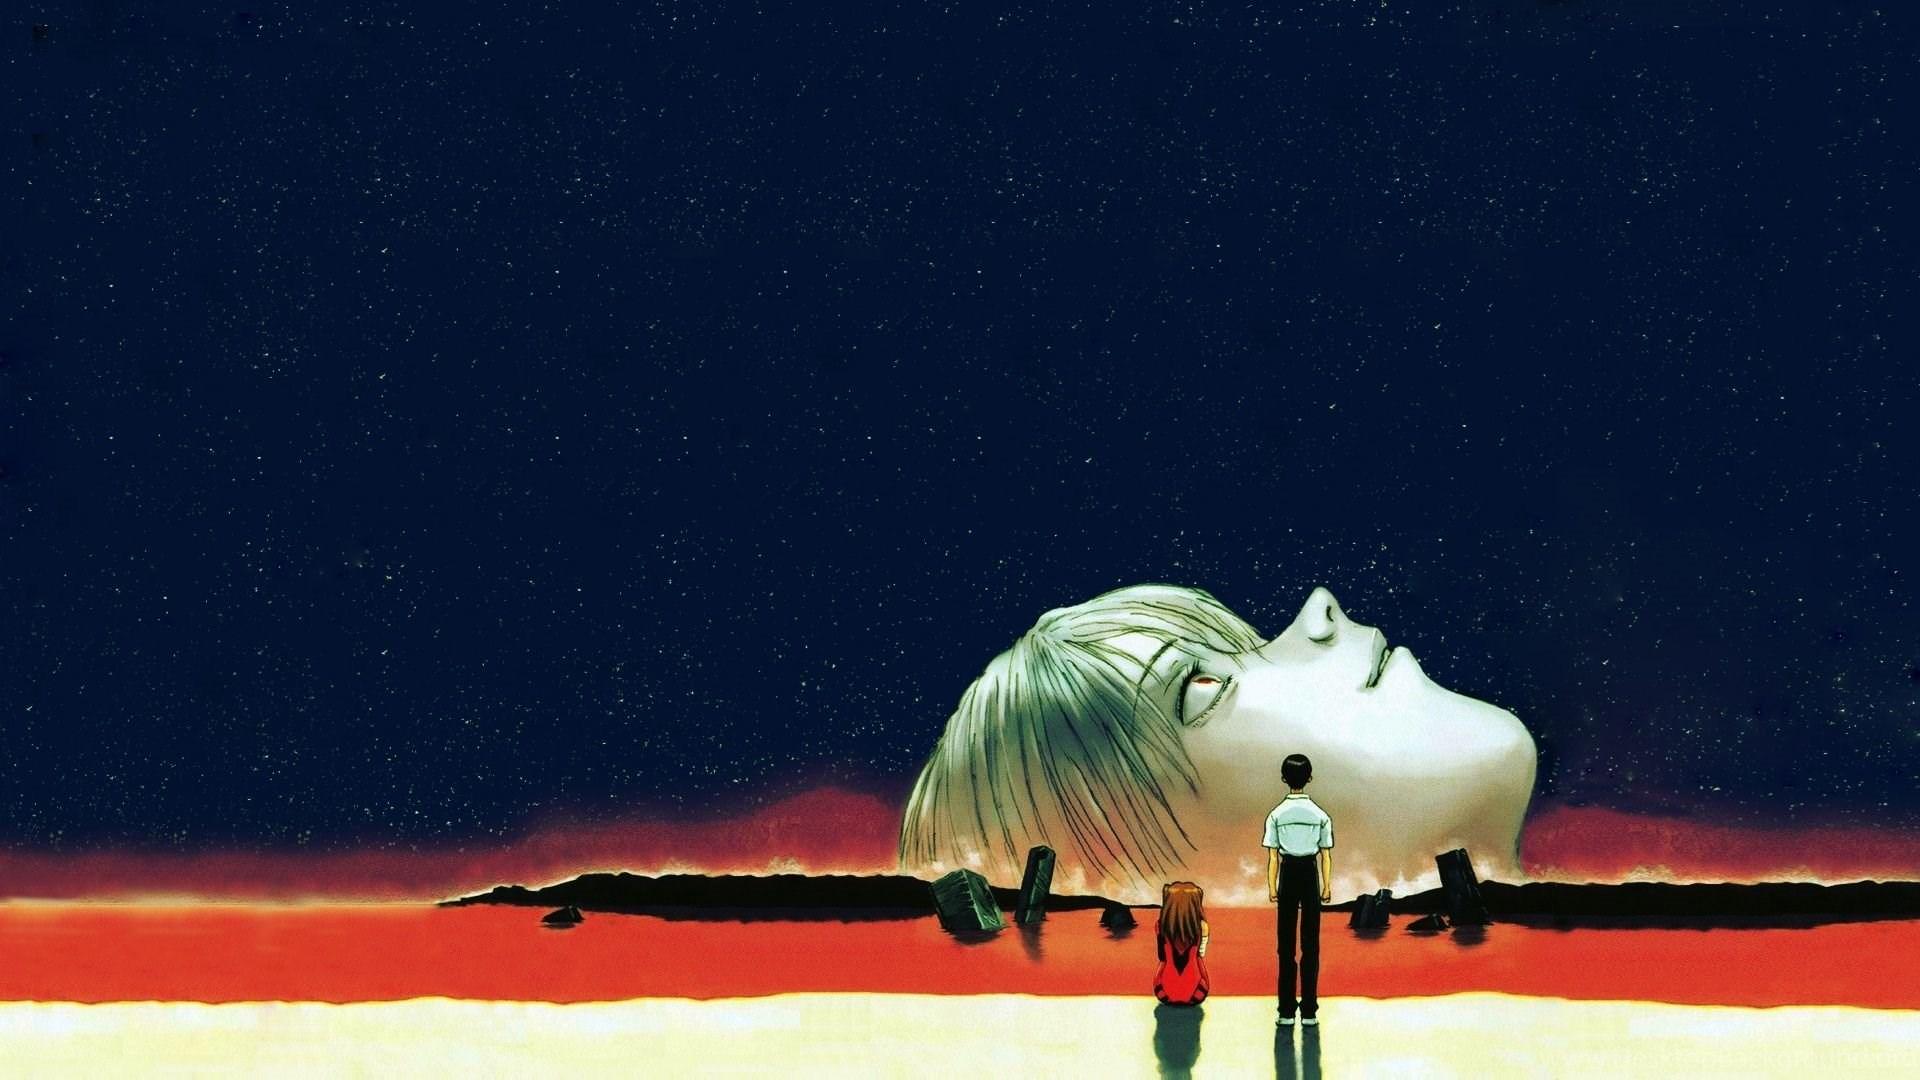 Neon Genesis Evangelion Hd Wallpapers Desktop Background